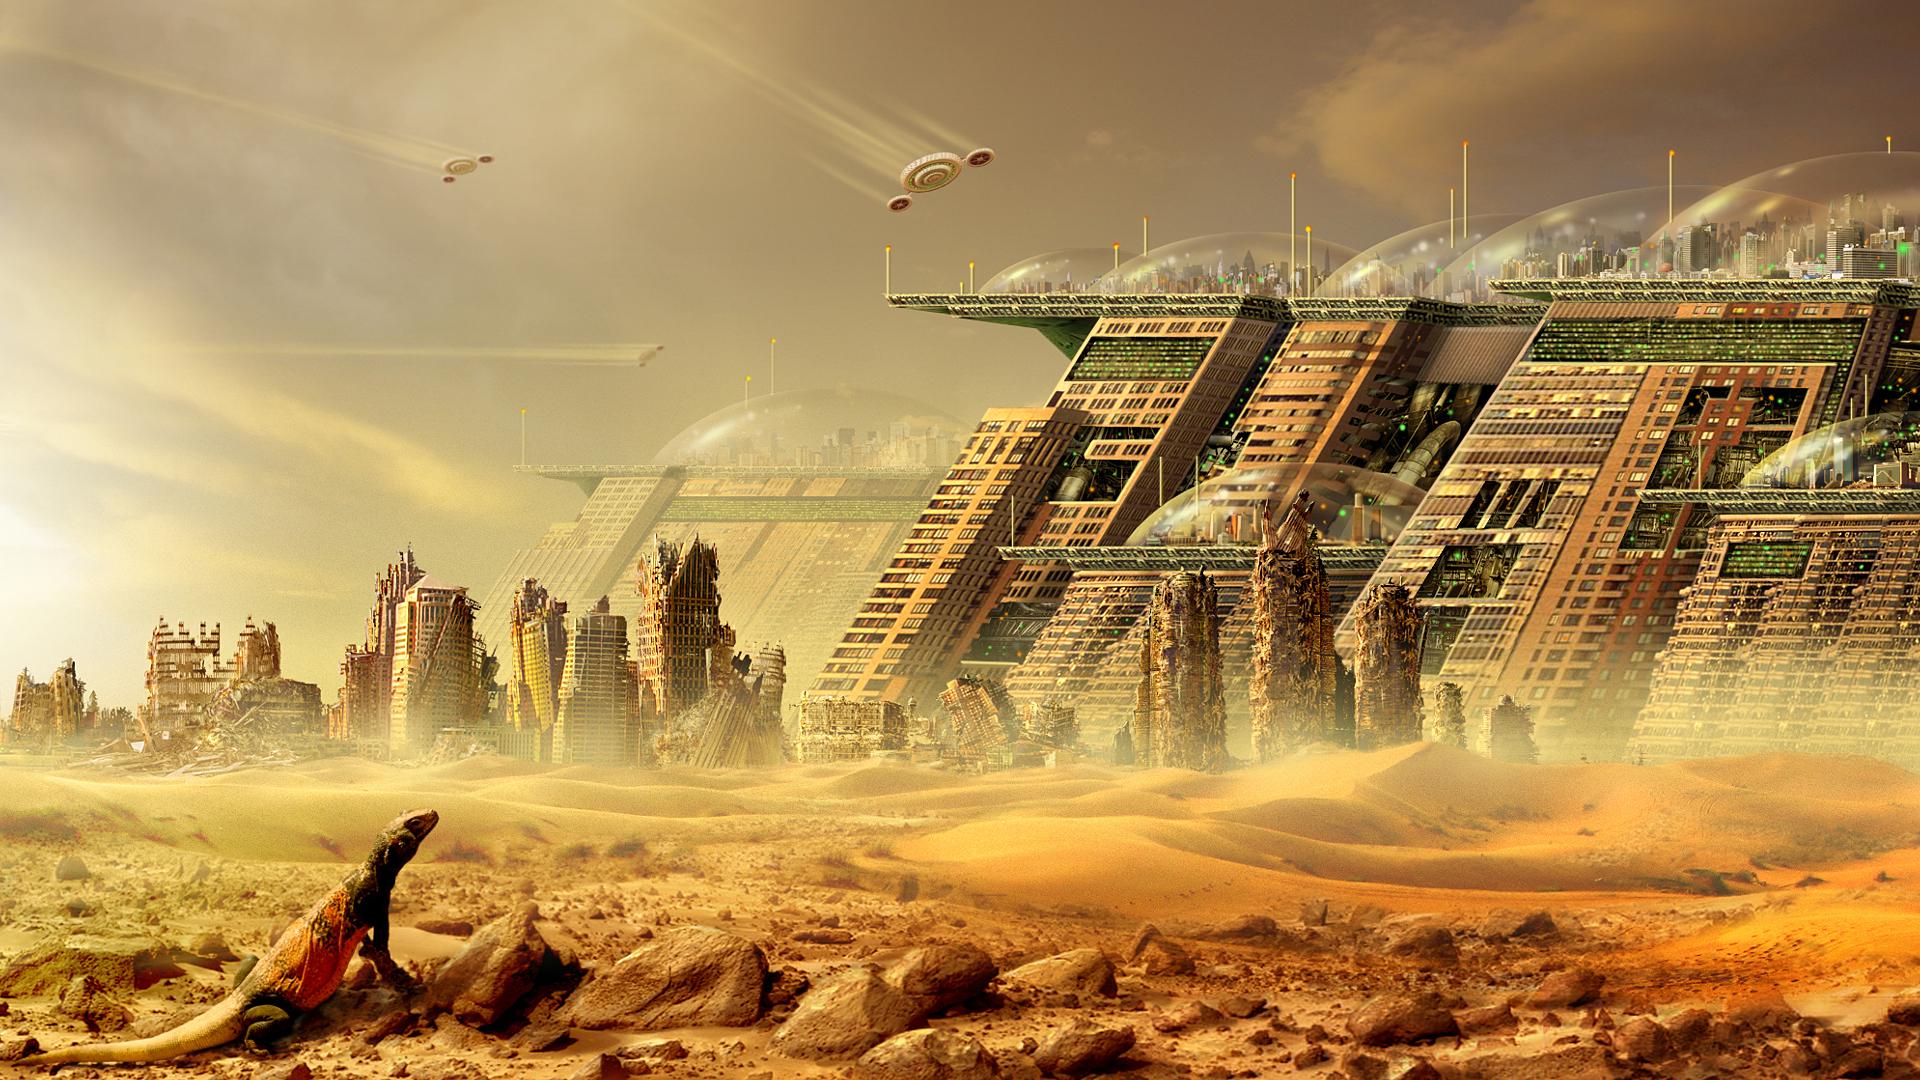 Futuristic Buildings Wallpaper Faxo Faxo